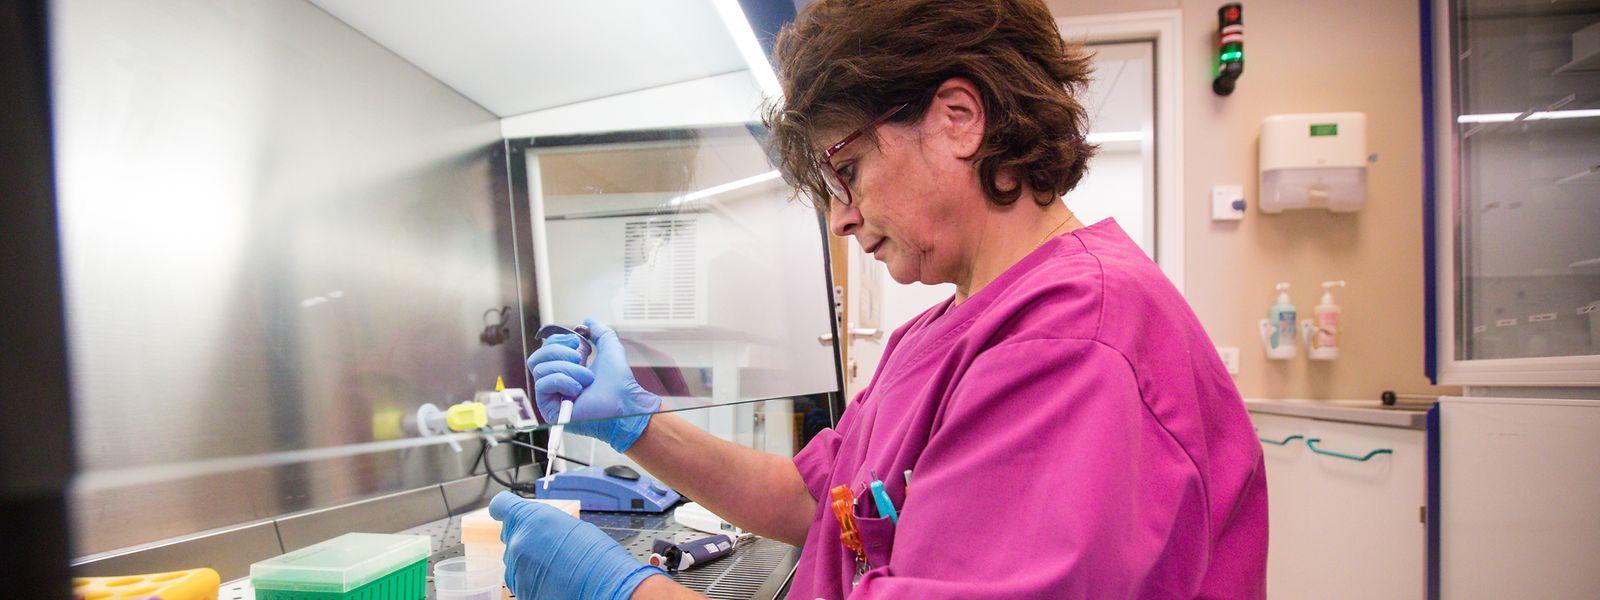 Cette année, le Laboratoire national de procréation médicalement assistée devrait réaliser plus de 700 fécondations in vitro.